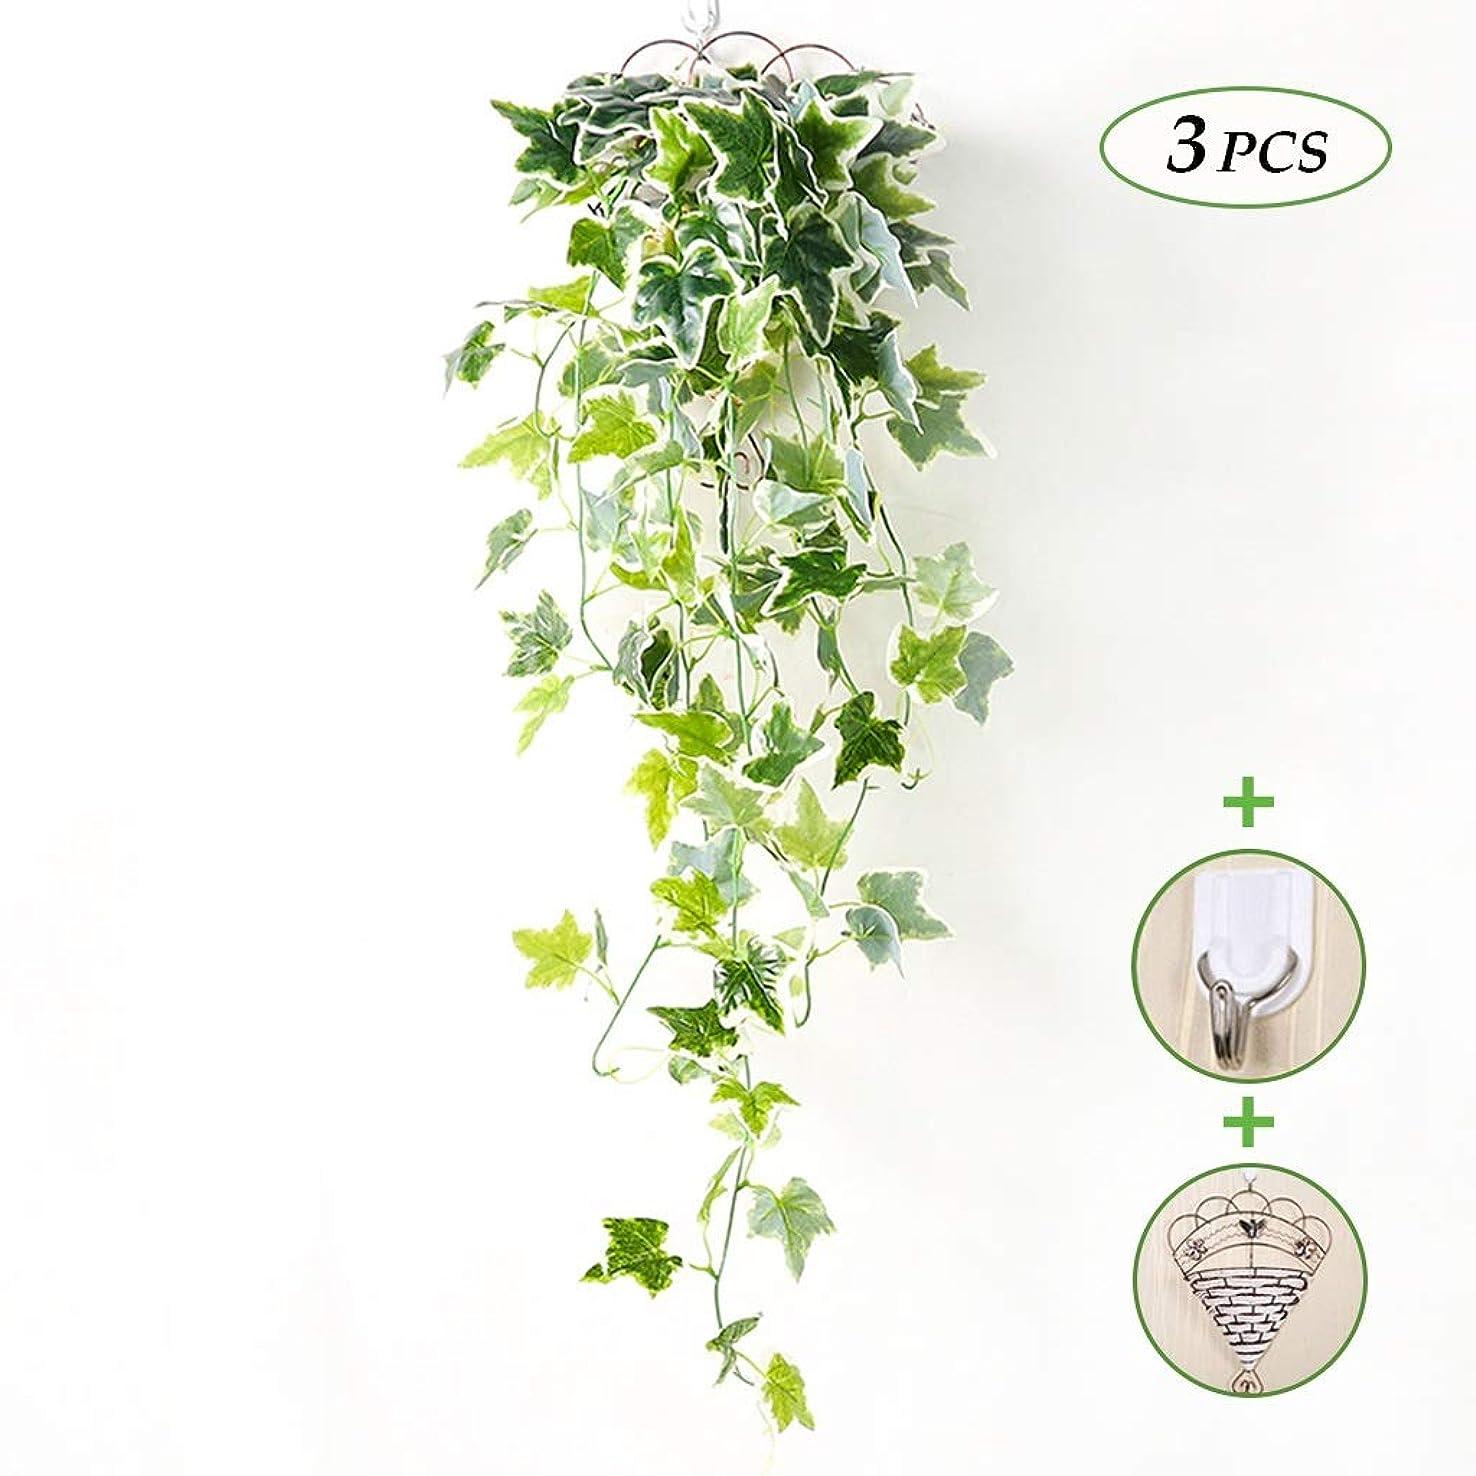 透明にスコアお世話になった人工の緑の植物、壁掛け、人工のツタ、緑の花輪の葉はあなたのために緑で装飾されています -11.11H (Size : 3 article)